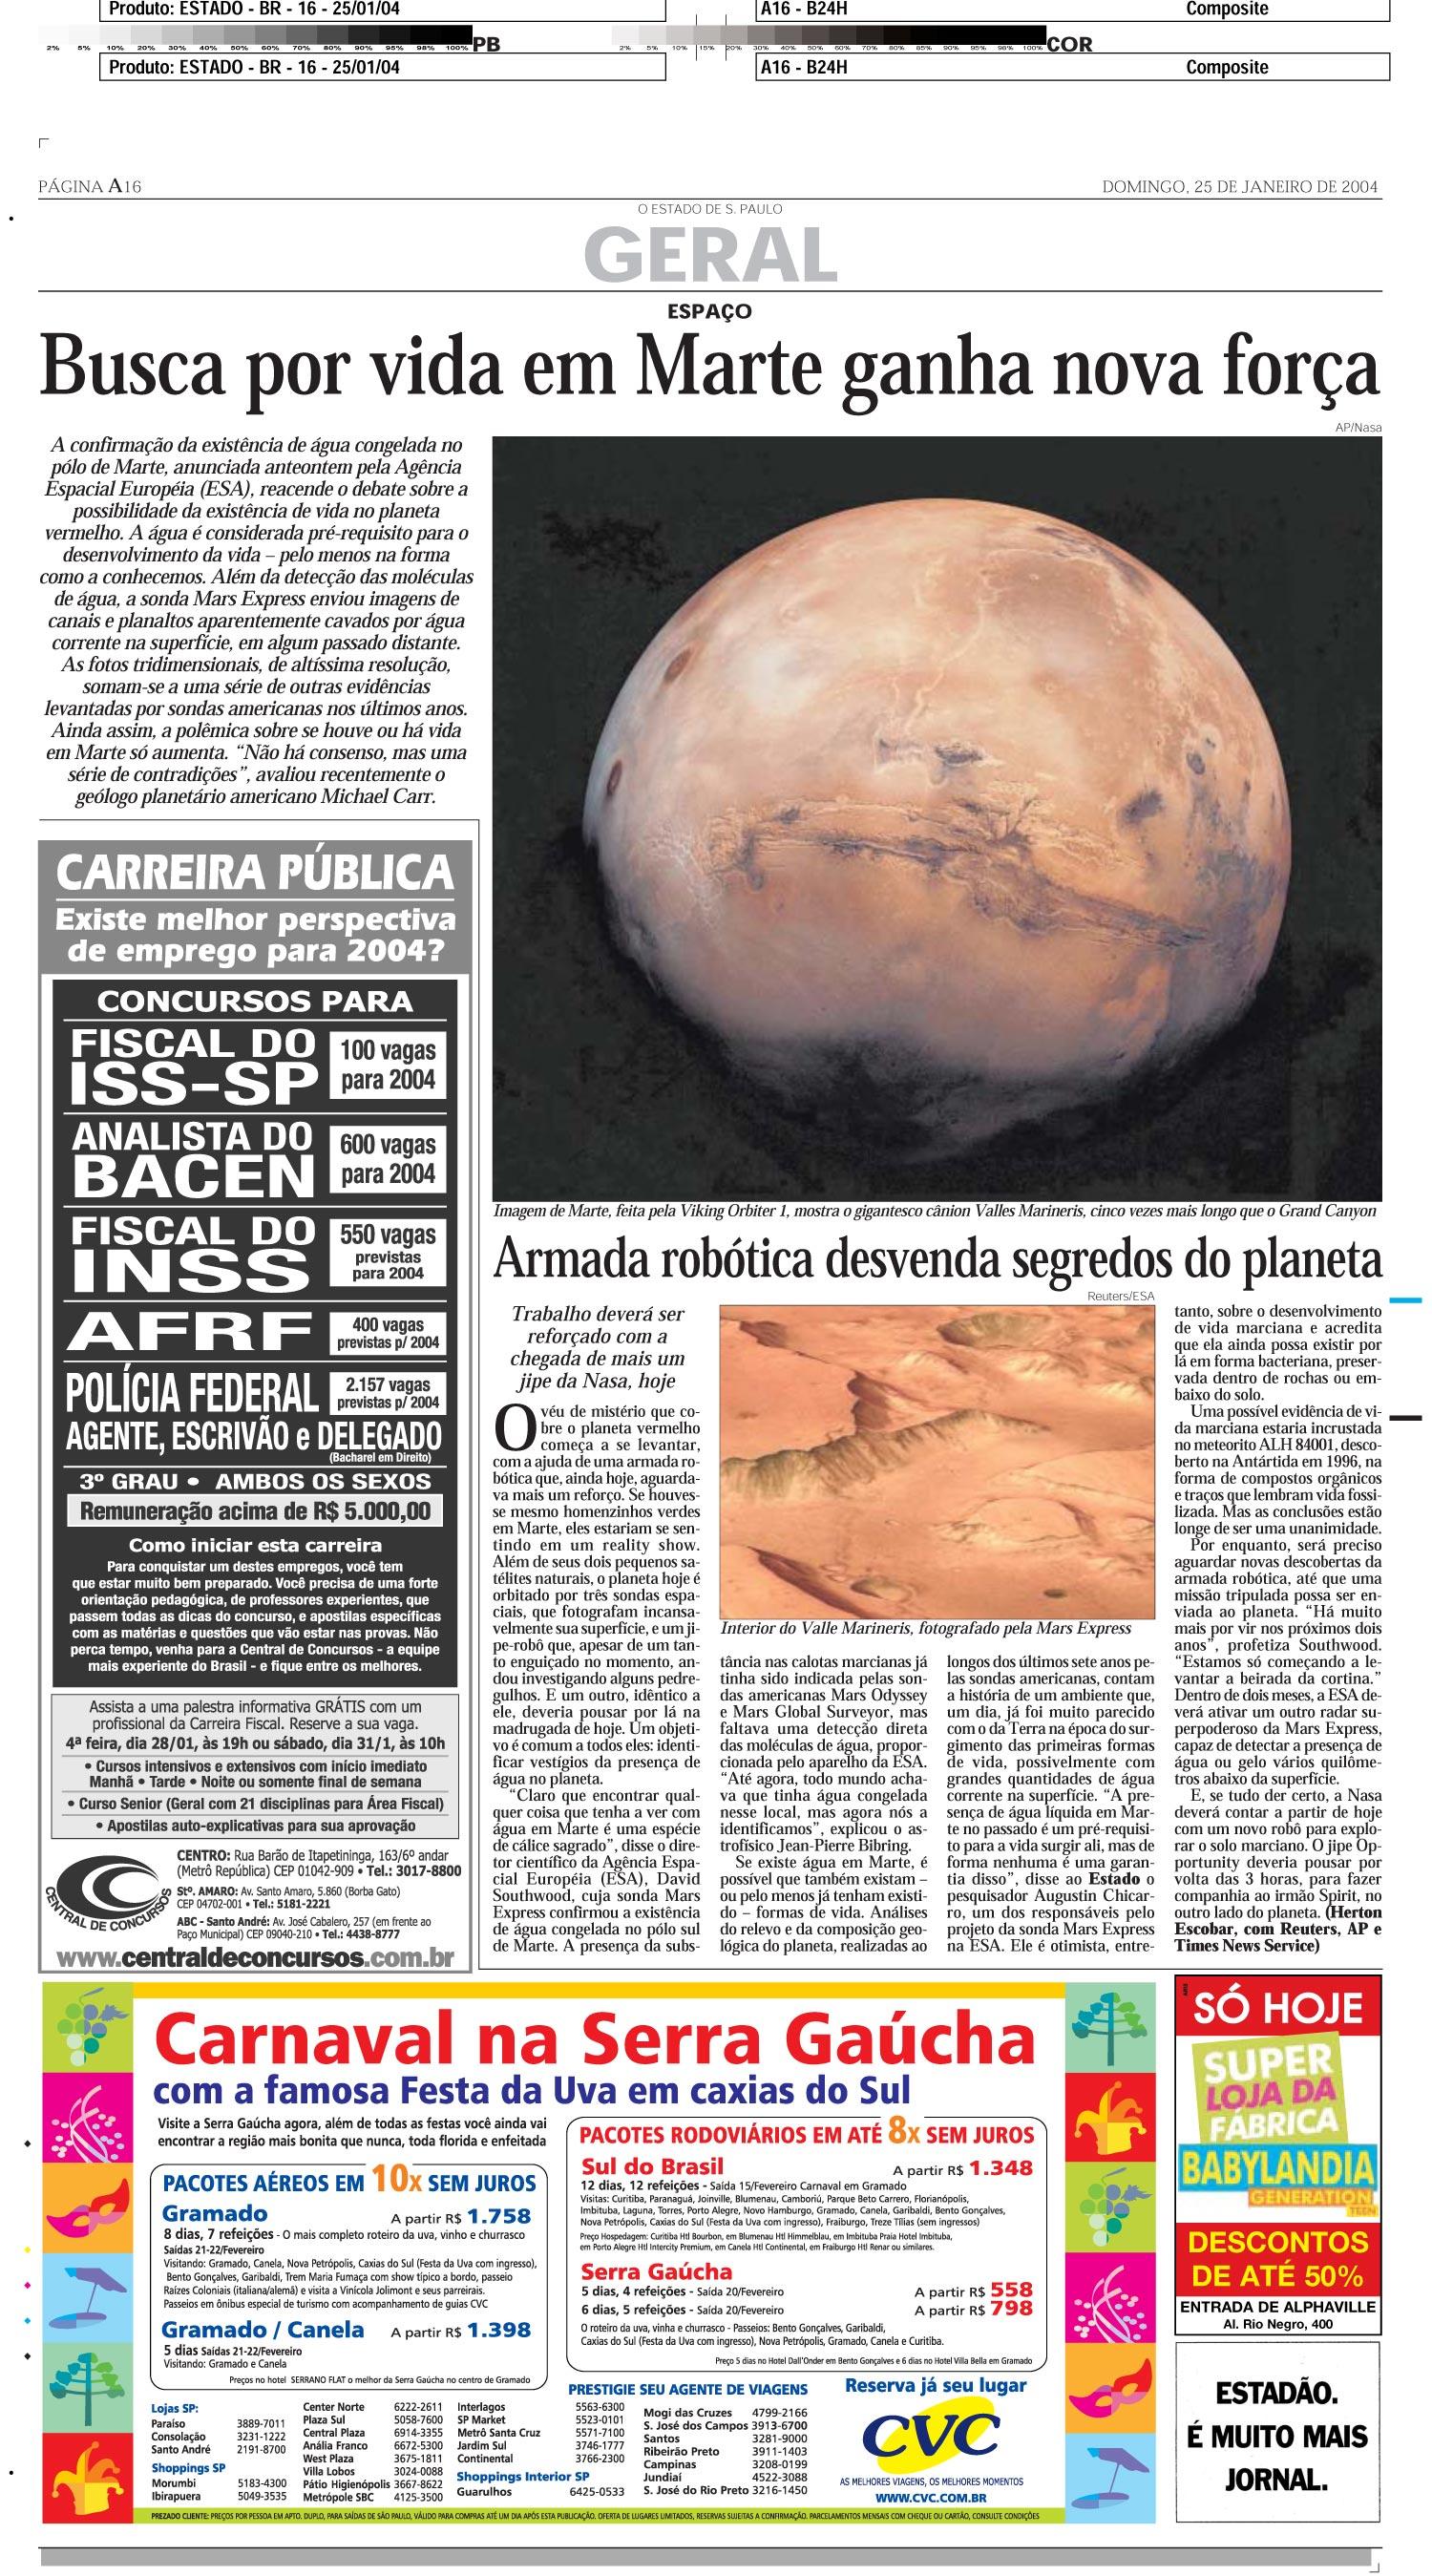 Busca por vida em Marte ganha nova força